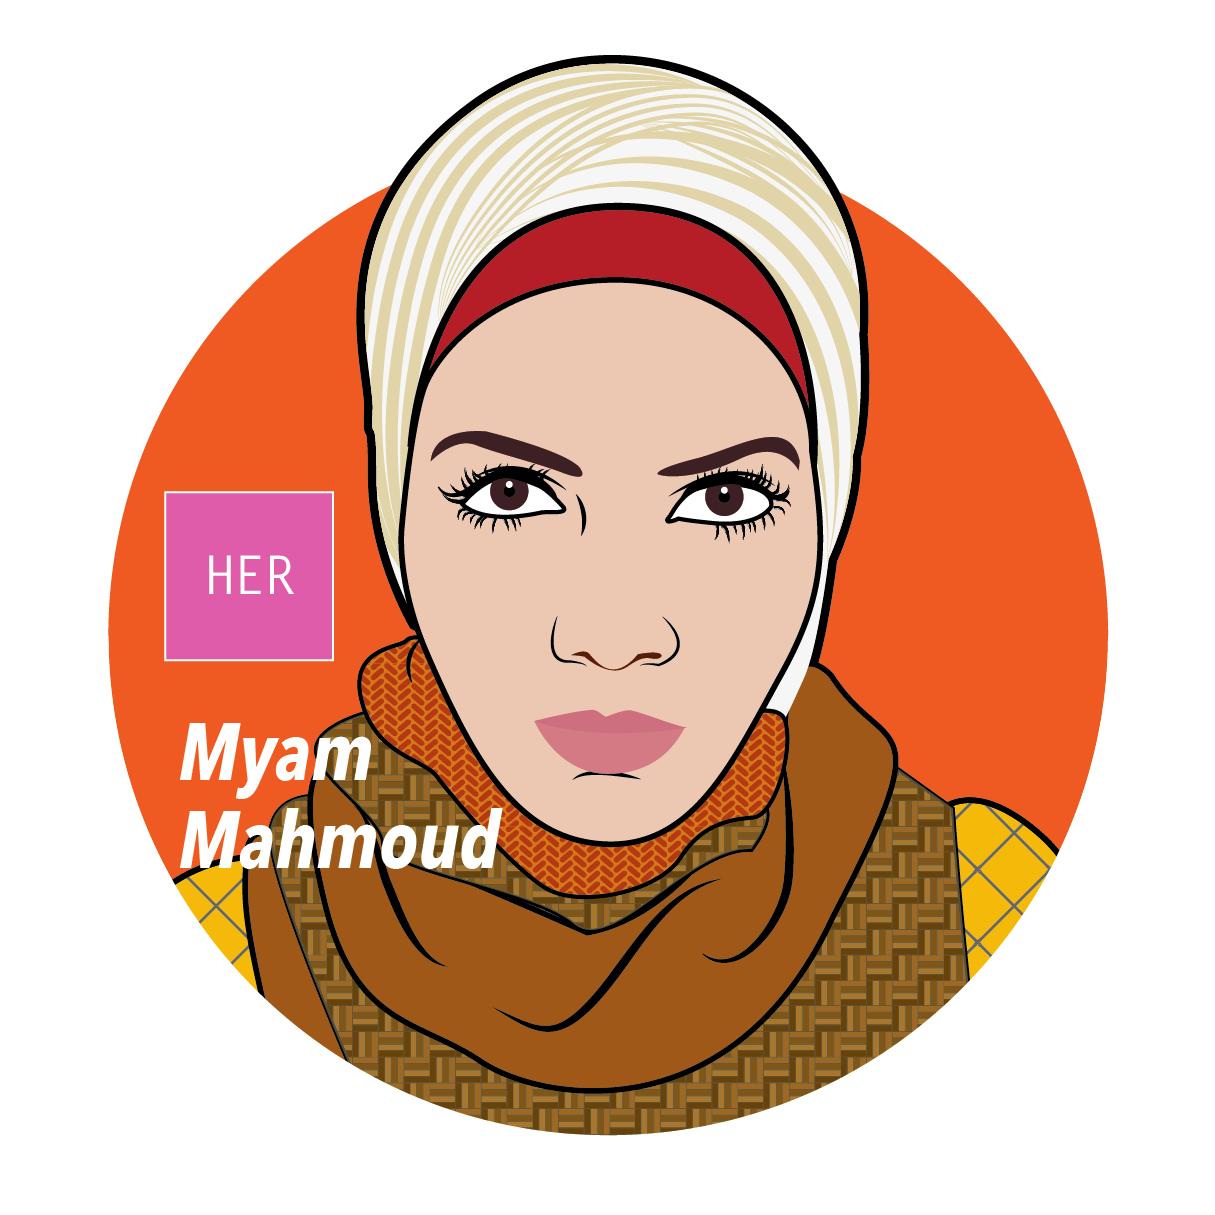 MyamMahmoud